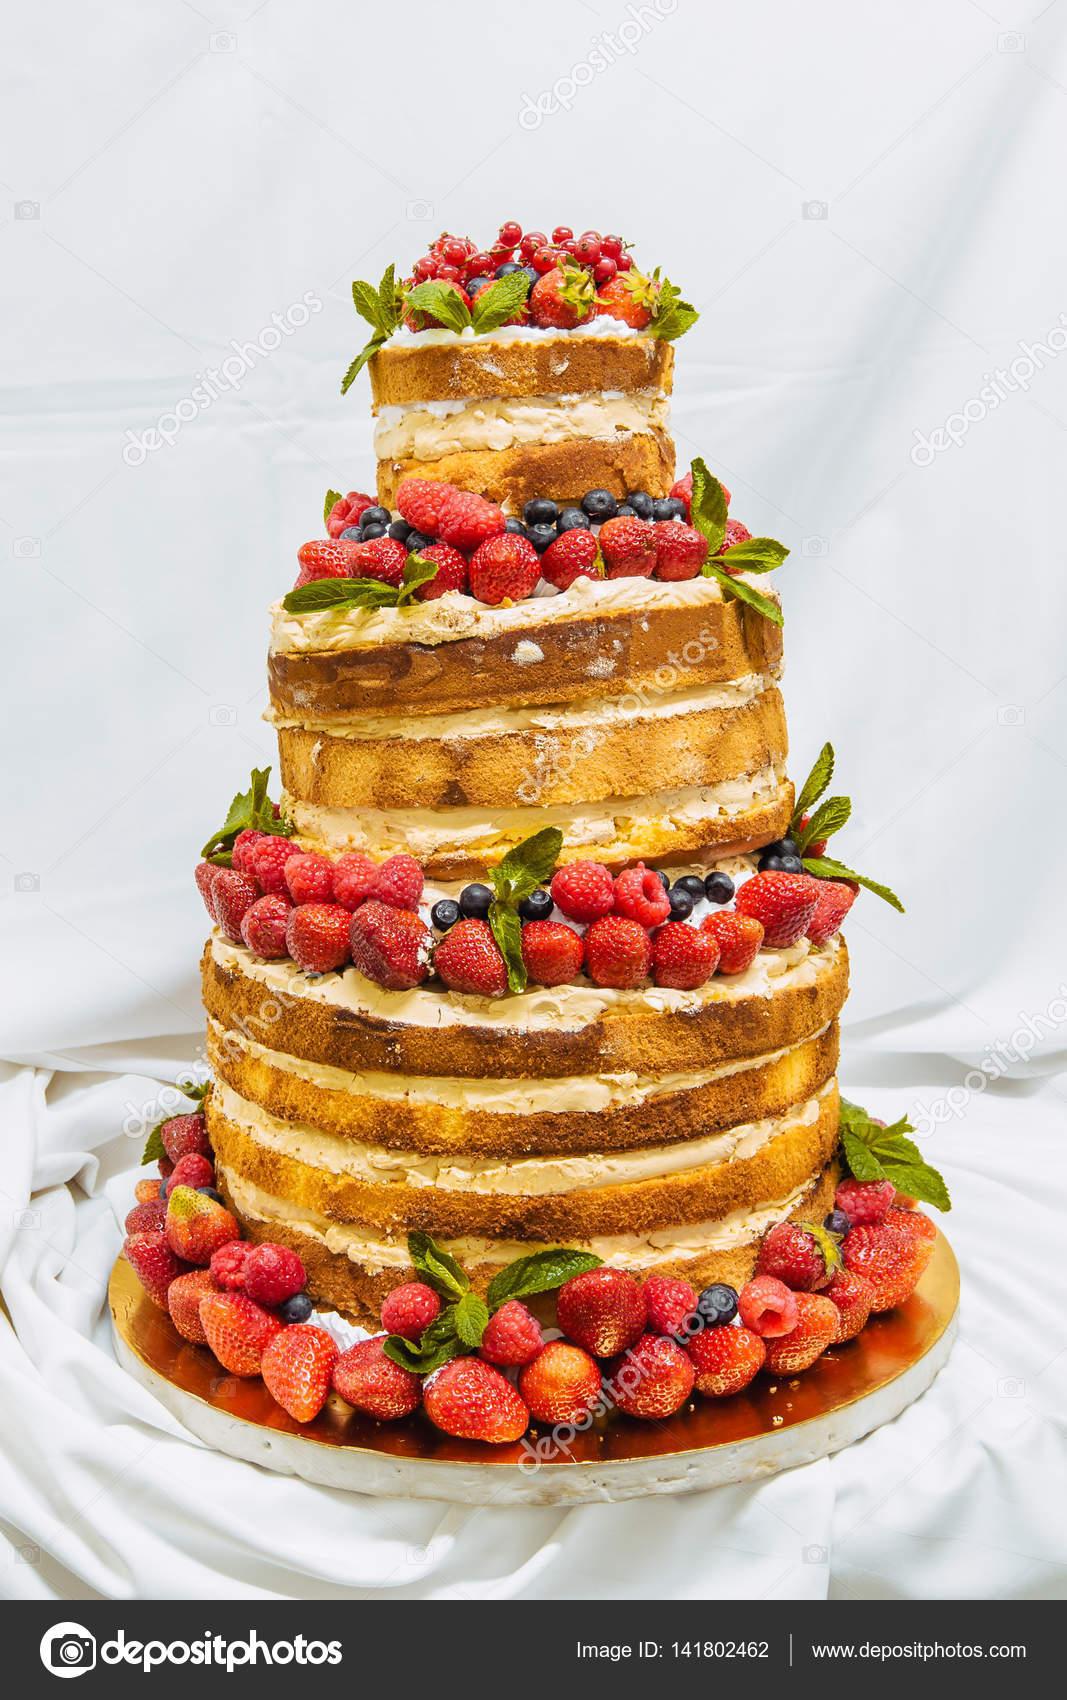 Hochzeitstorte Mit Obst Stockfoto C Alexshyripa 141802462